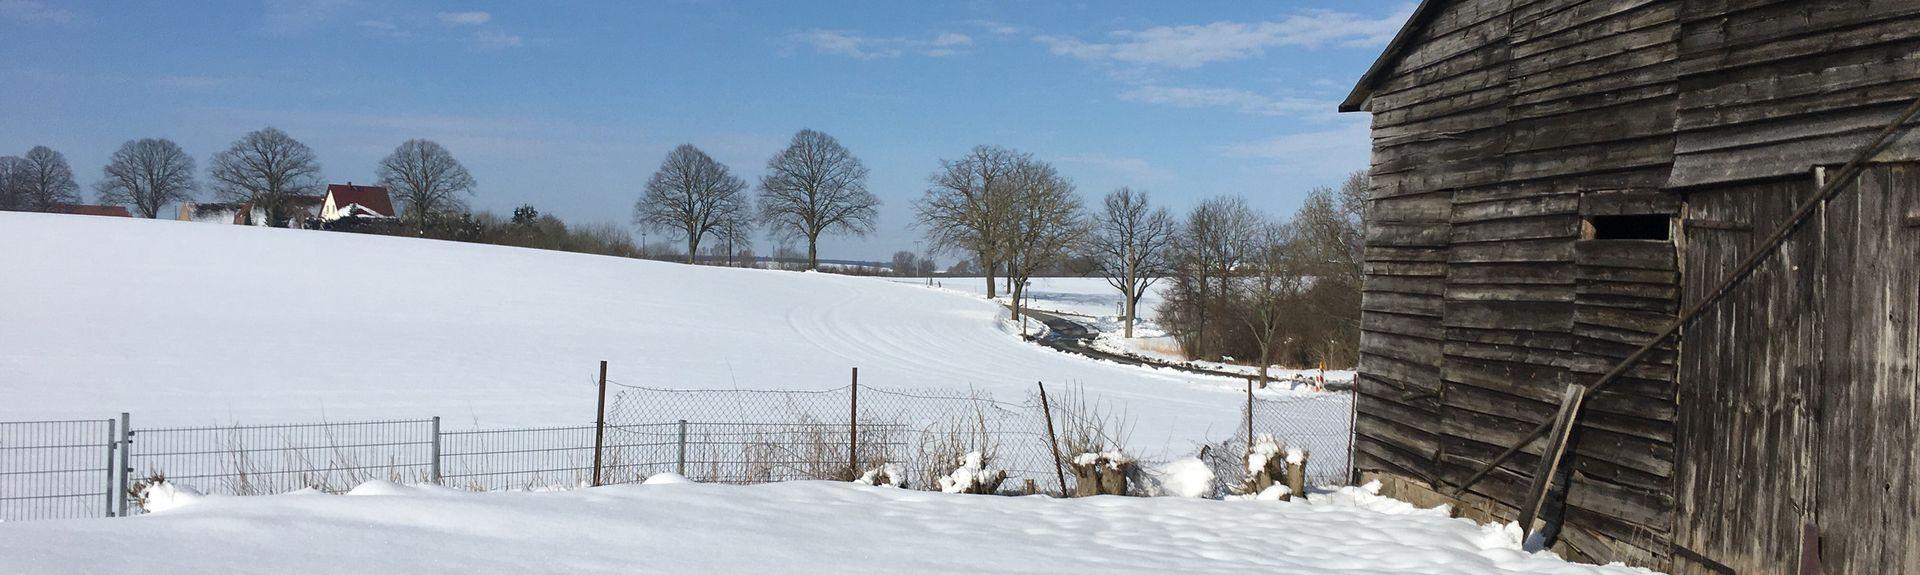 Dummerstorf, Mecklenburg - Voor-Pommern, Duitsland